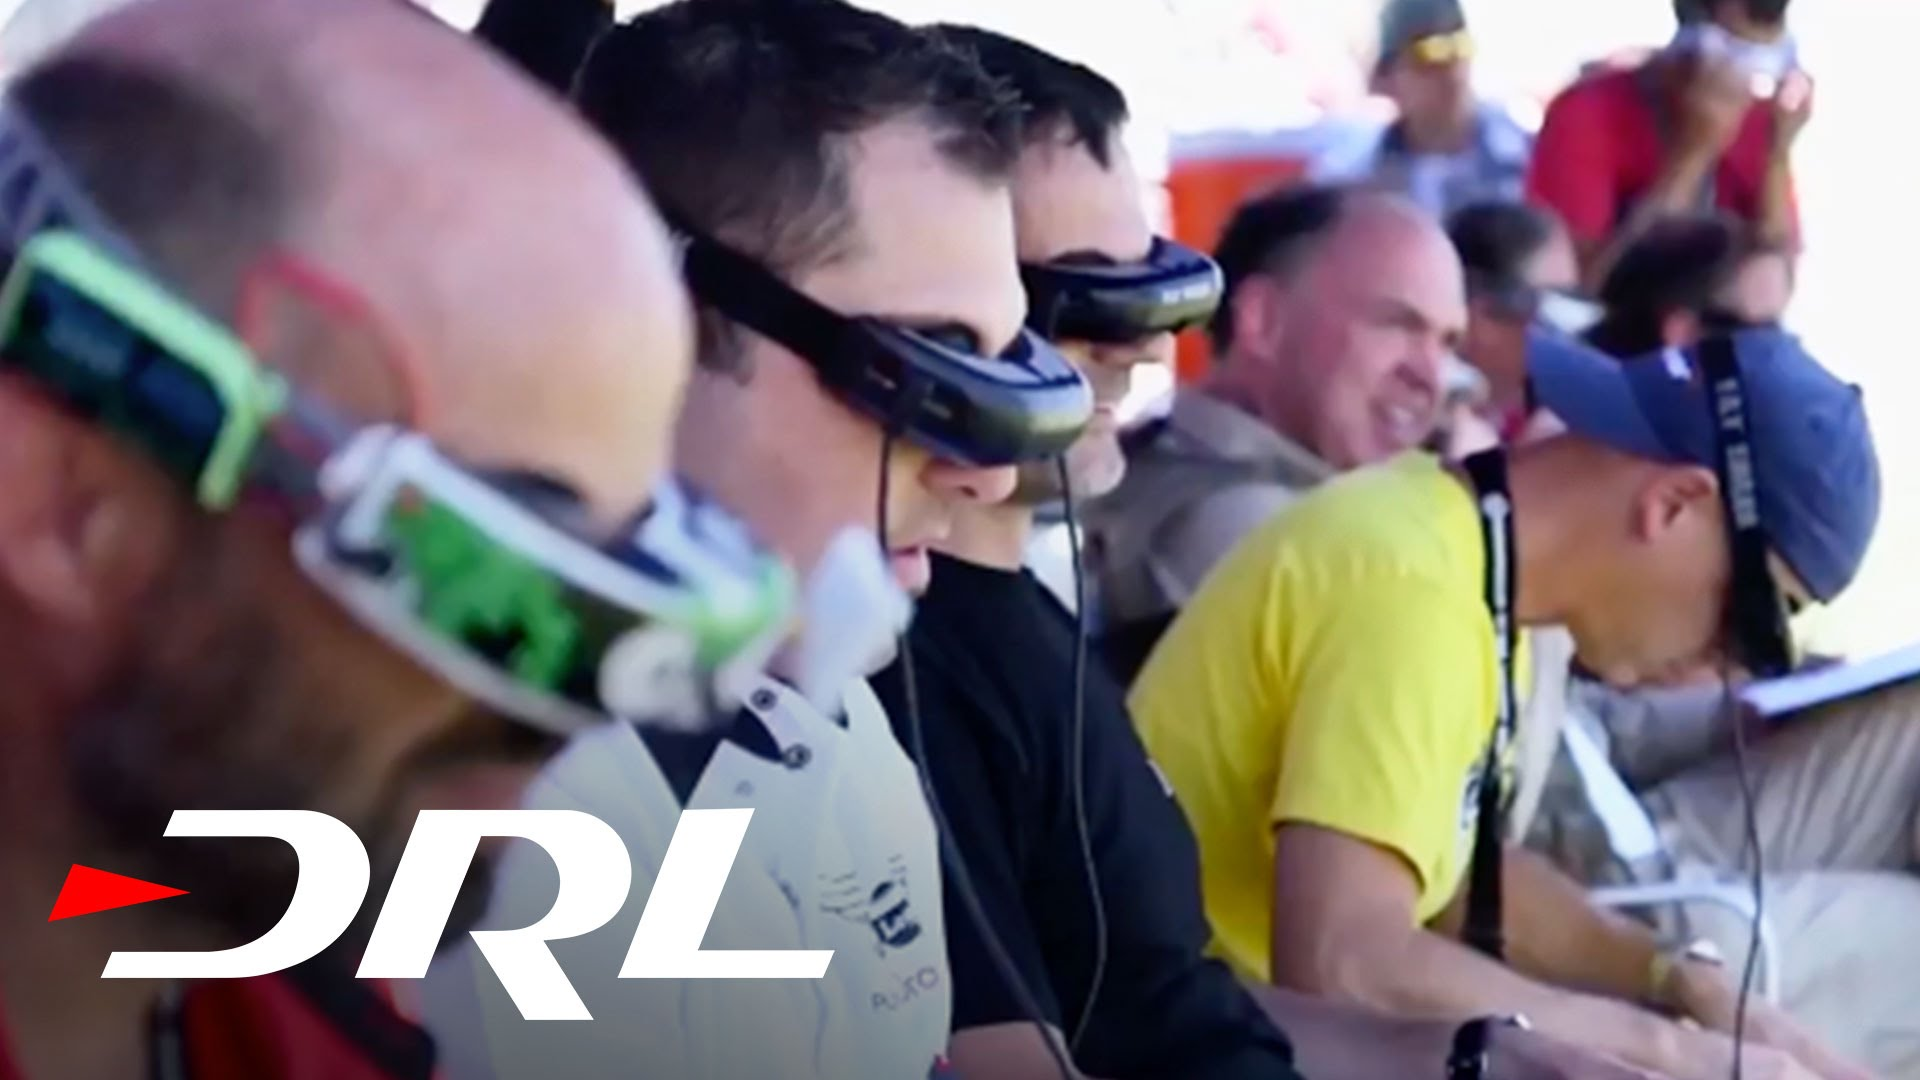 League of Racing Drones